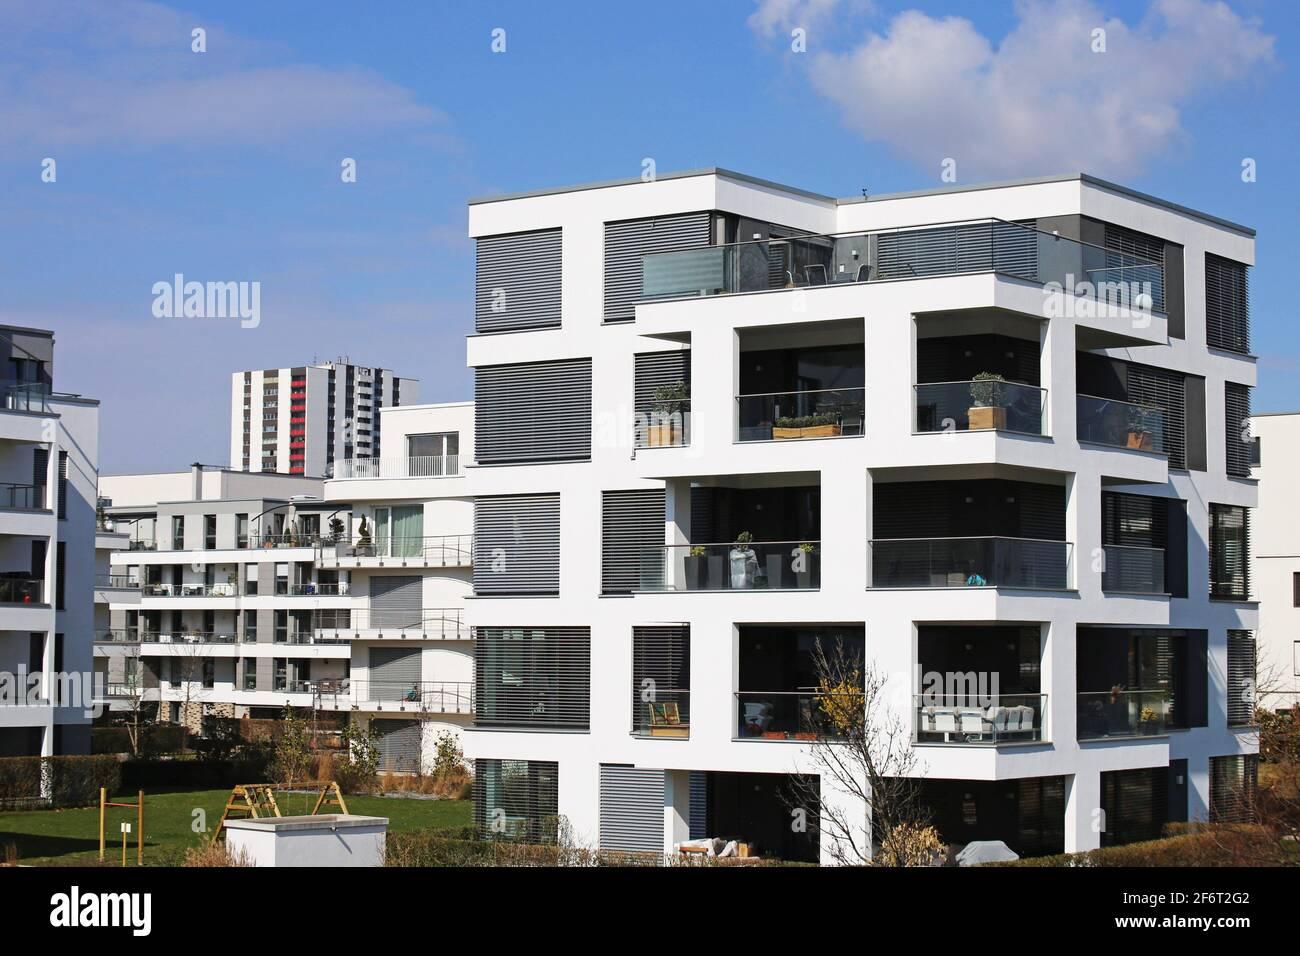 Moderner Wohnkomplex im urbanen Stil. Stockfoto